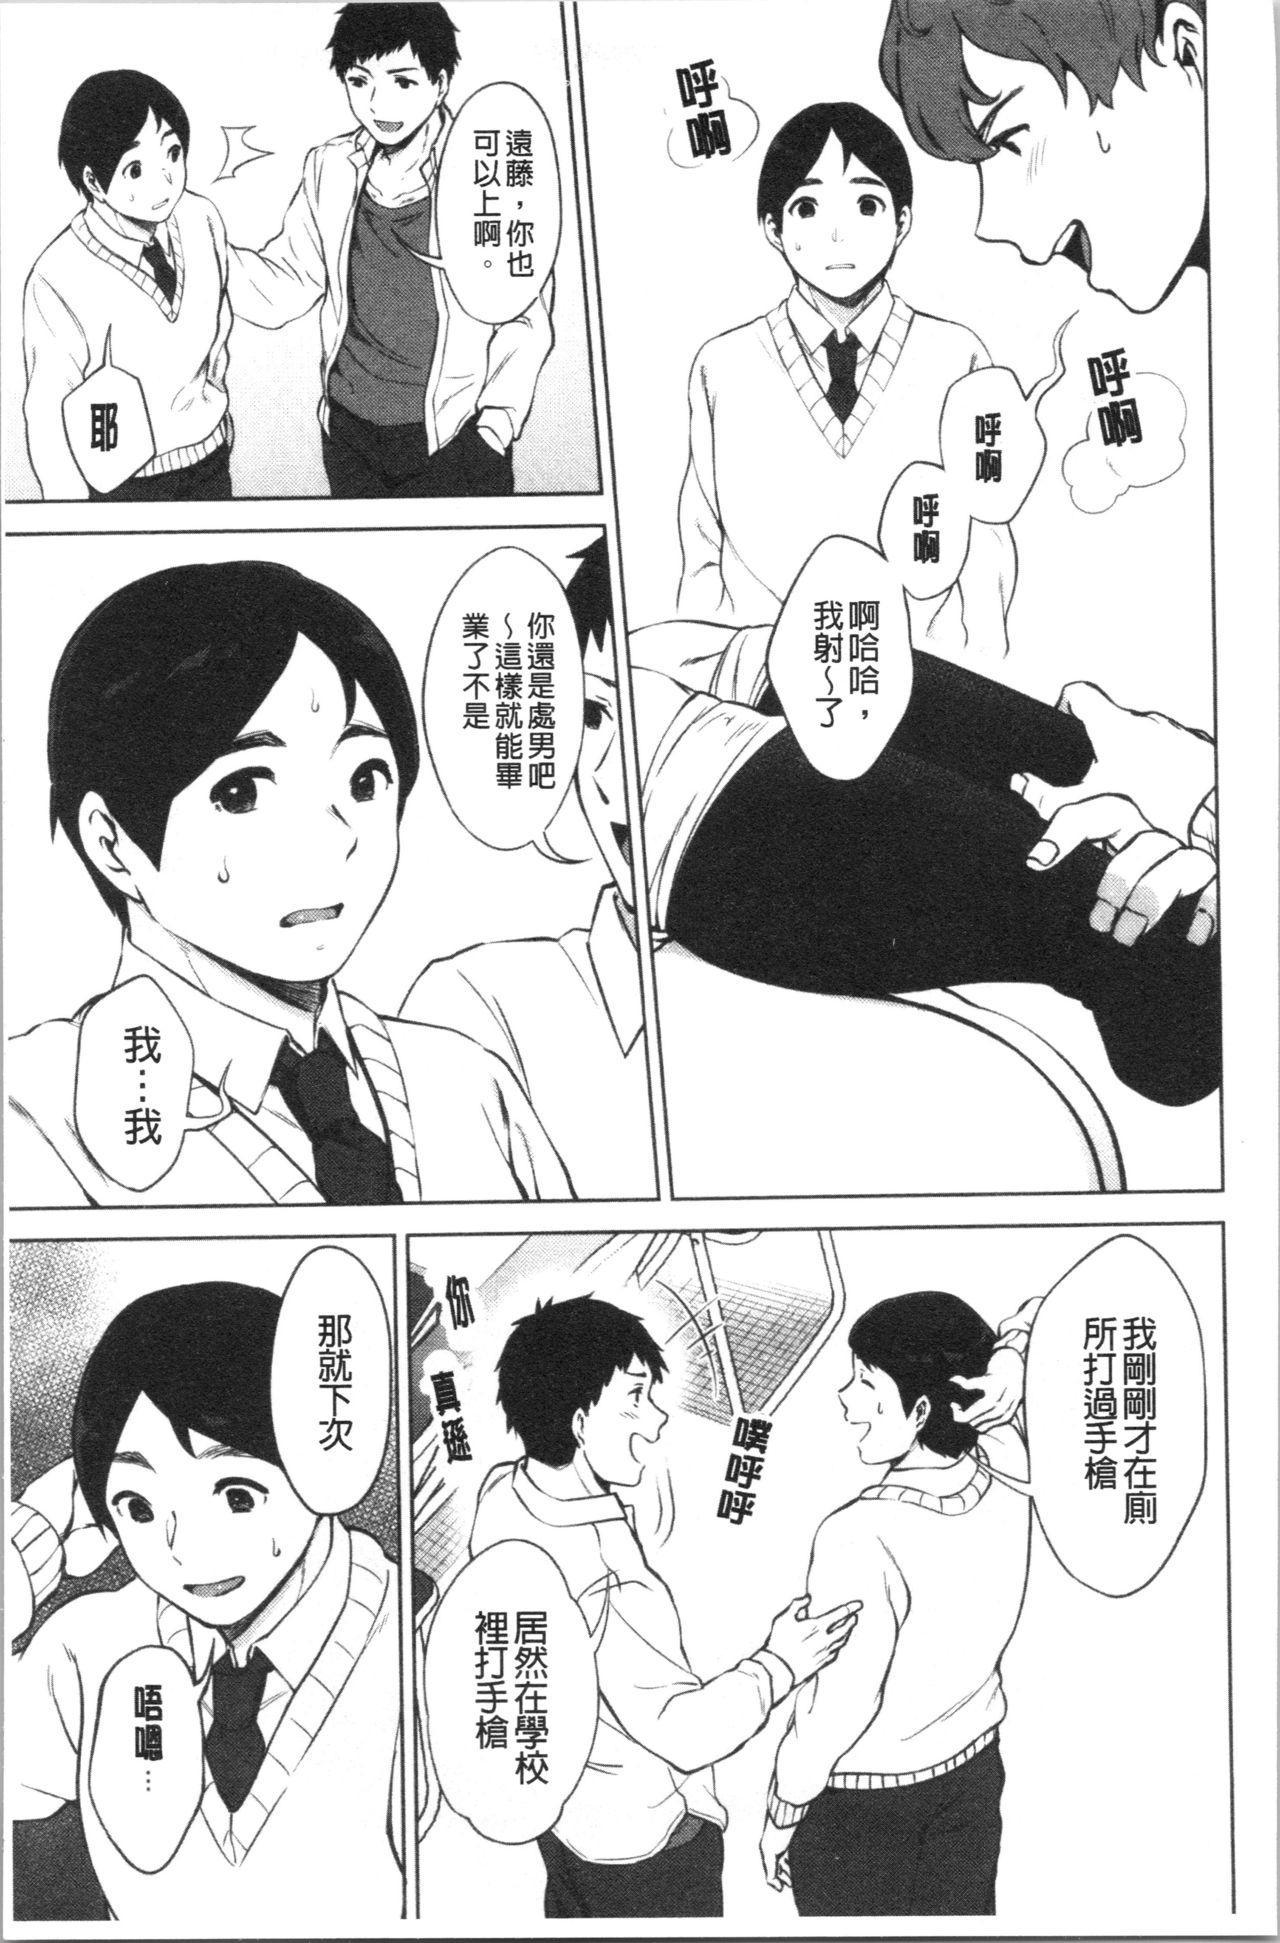 #Echi Echi Joshi to Tsunagaritai | #好色淫蕩女子想和她搞一下 29